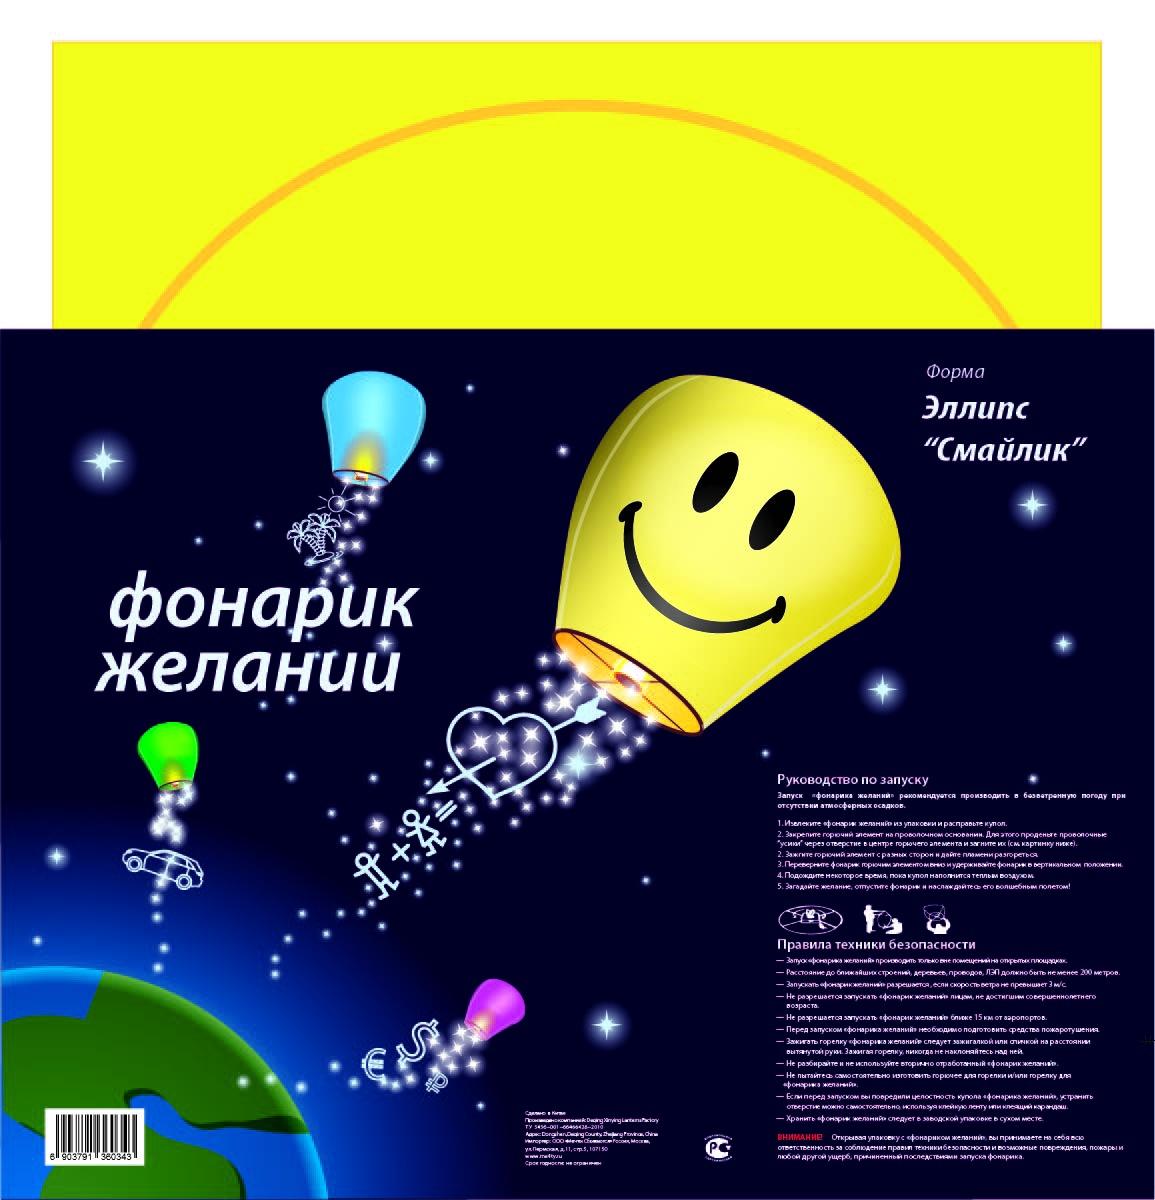 Бумажный фонарик эллипс Смайлик, желтый небесный фонарик желаний nebofon сердце 2d pink